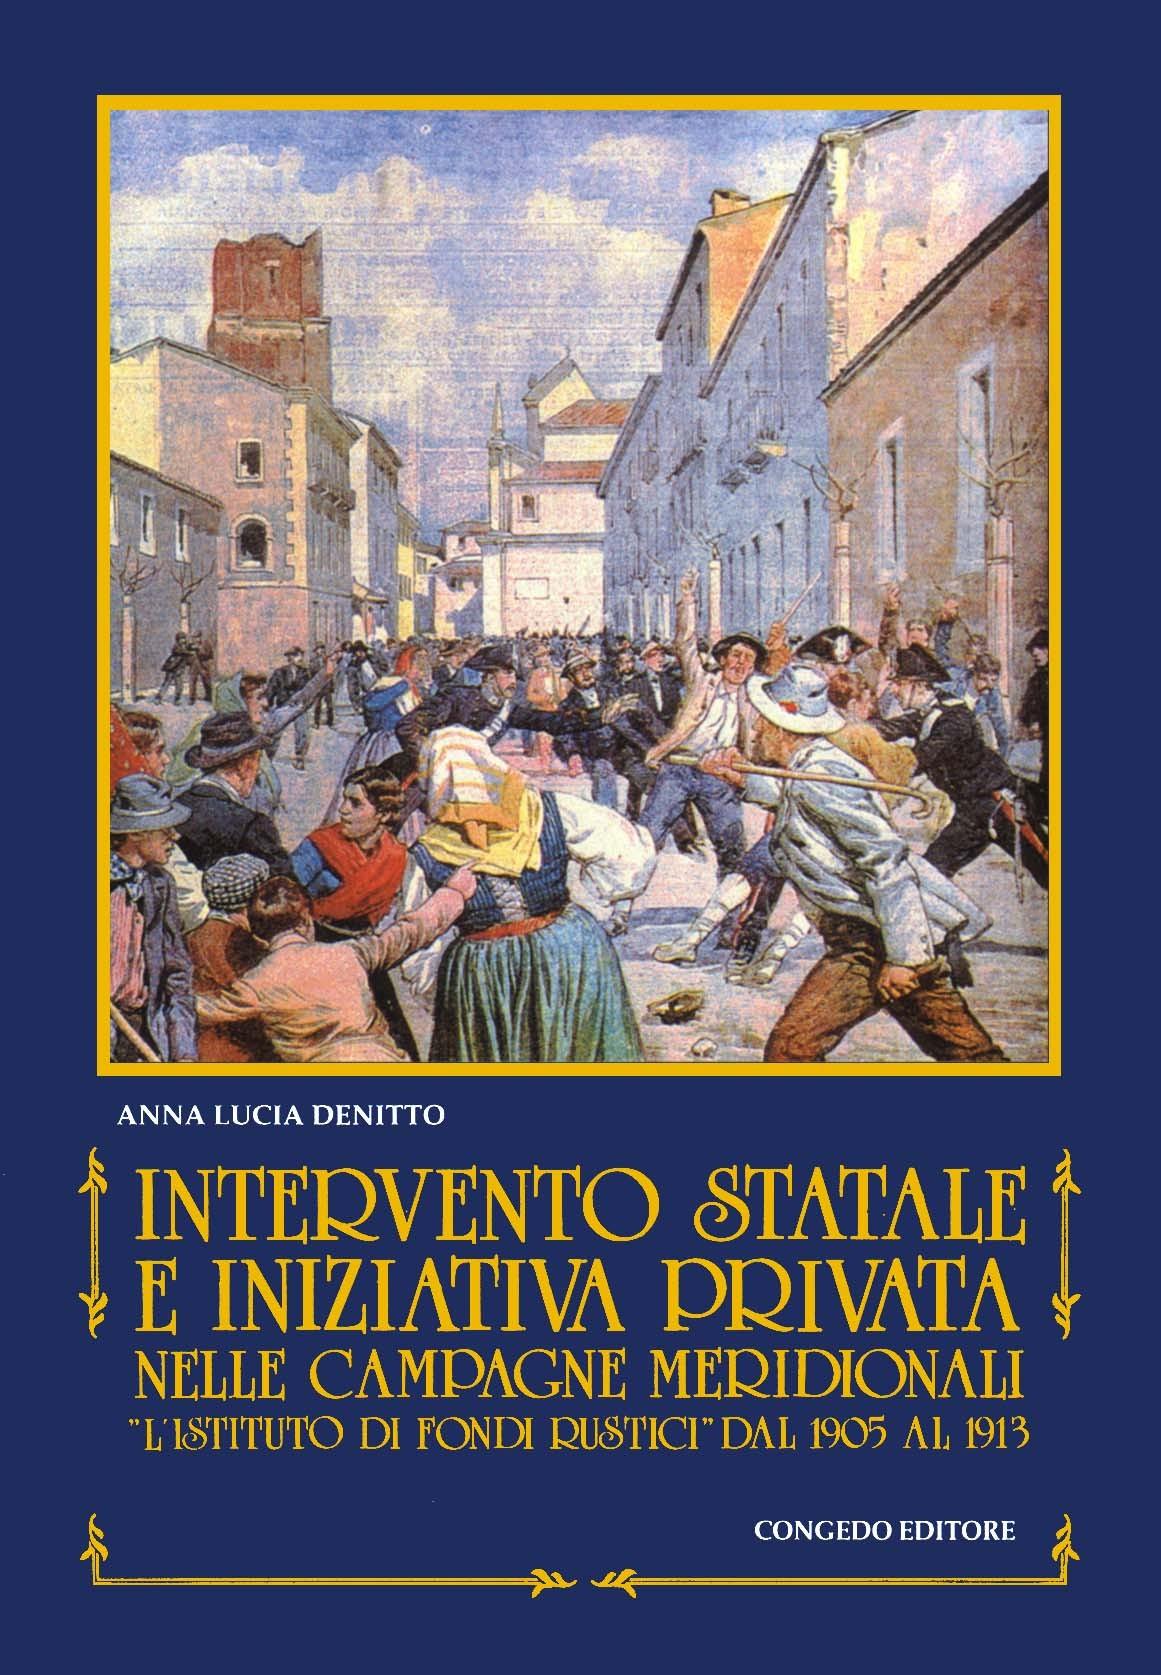 Intervento statale e iniziativa privata  nelle campagne meridionali.